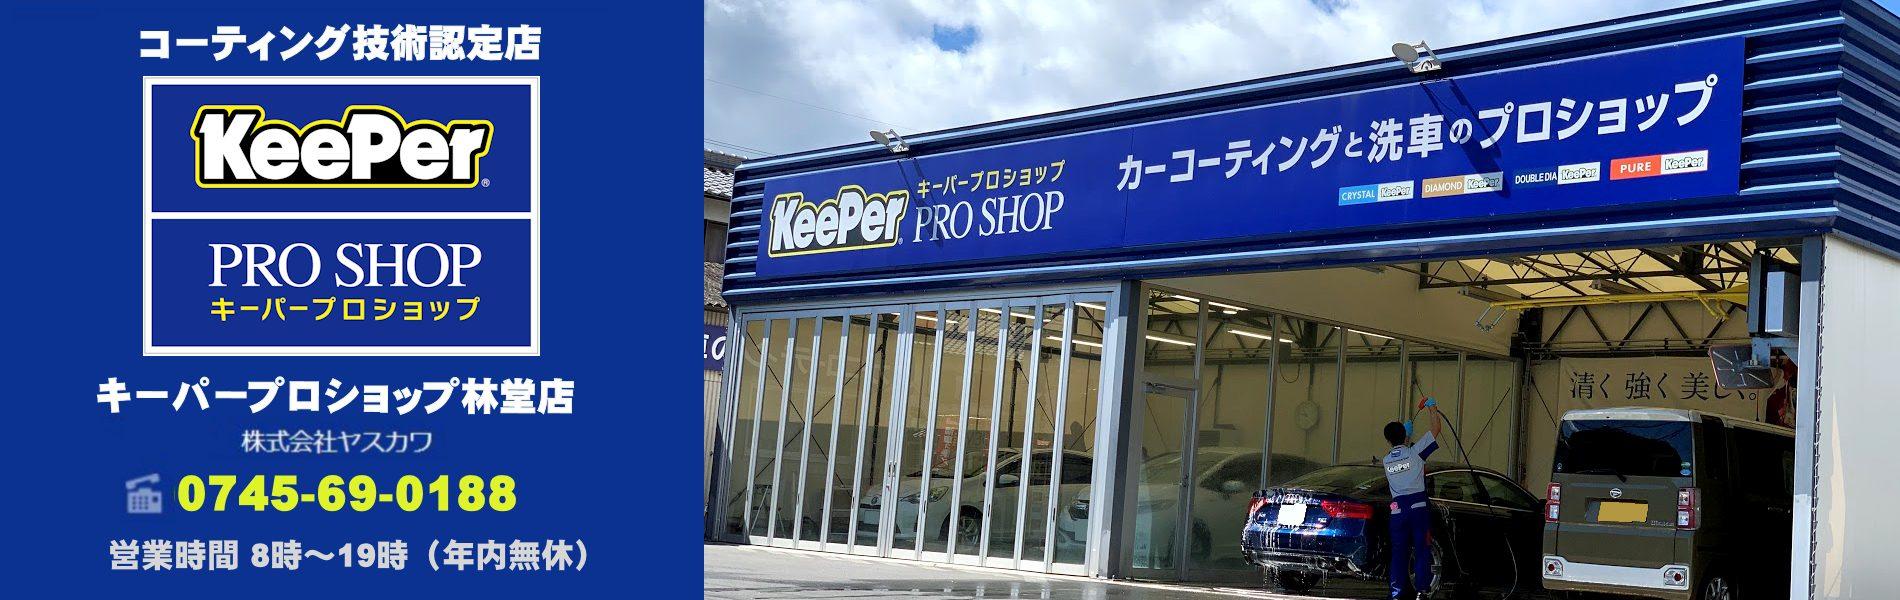 キーパープロショップ林堂店